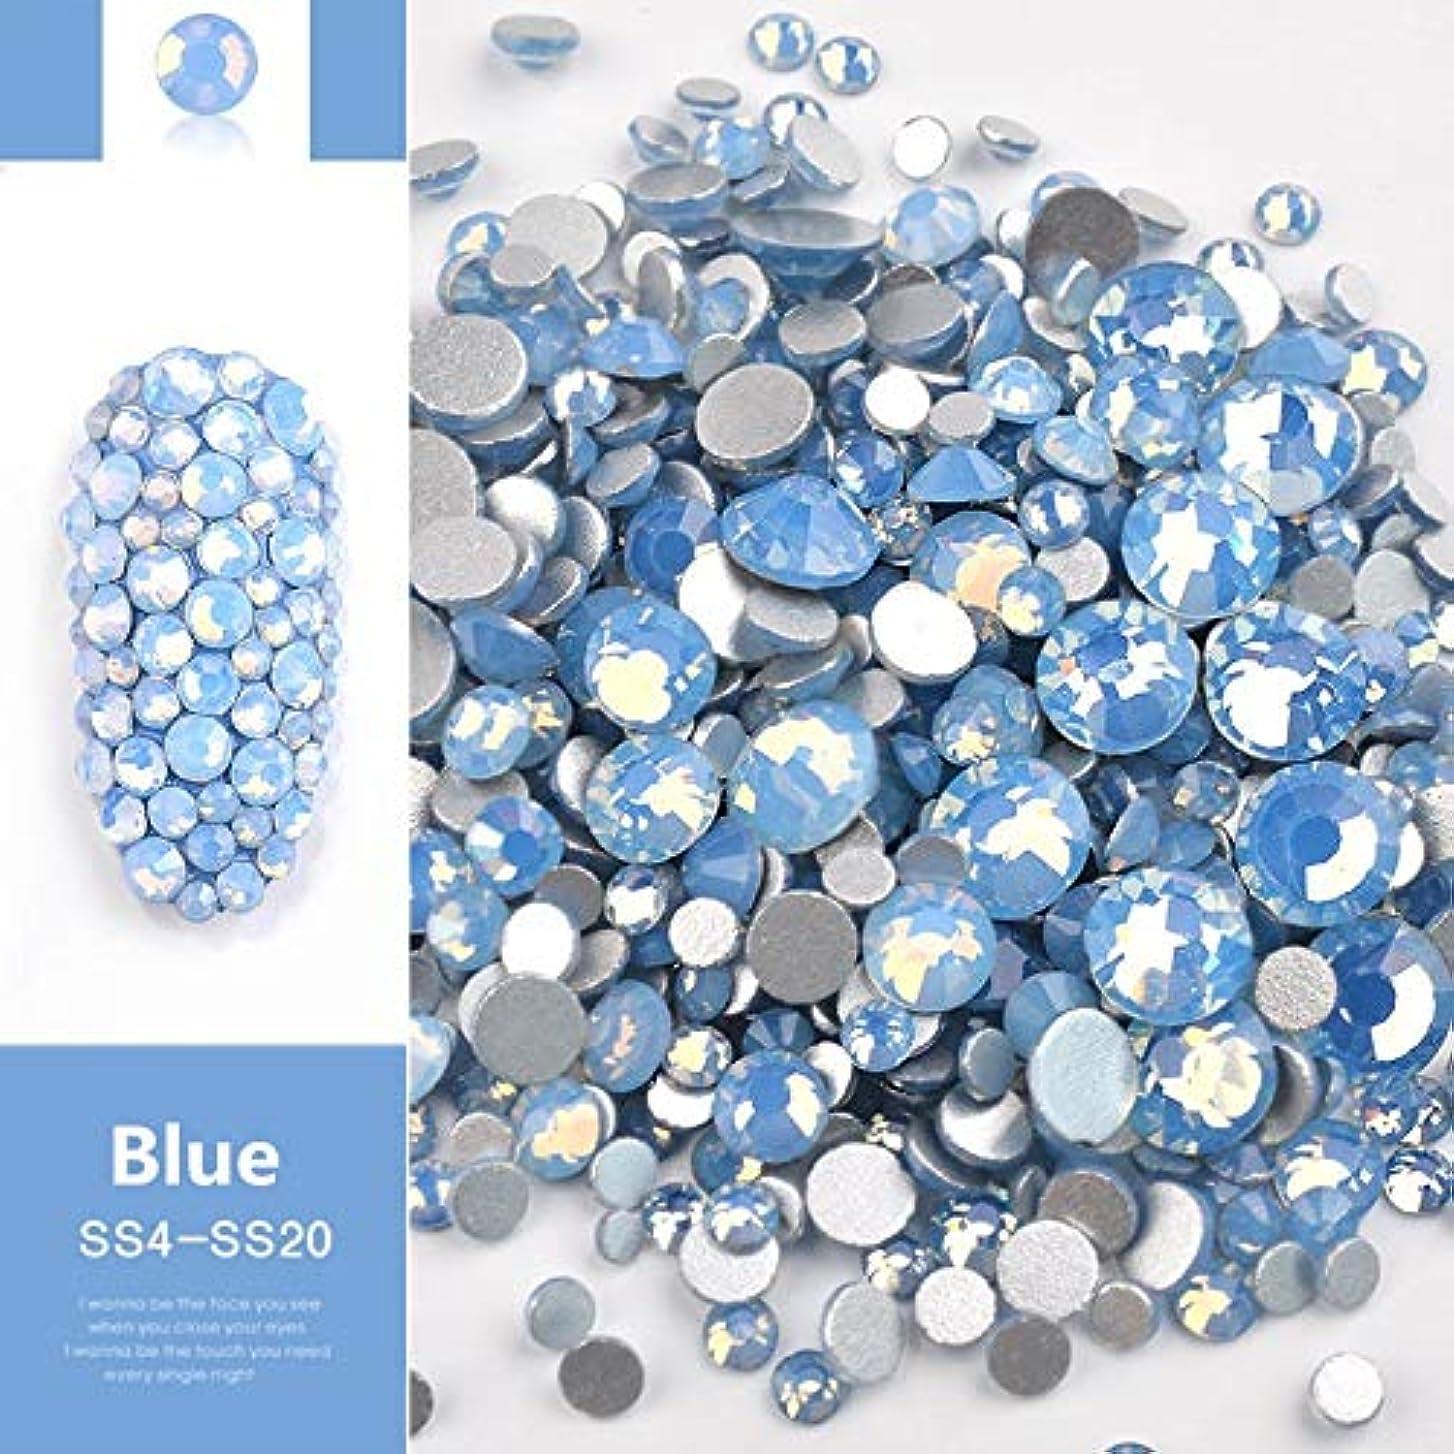 戦うステーキ本能Jiaoran ビーズ樹脂クリスタルラウンドネイルアートミックスフラットバックアクリルラインストーンミックスサイズ1.5-4.5 mm装飾用ネイル (Color : Blue)